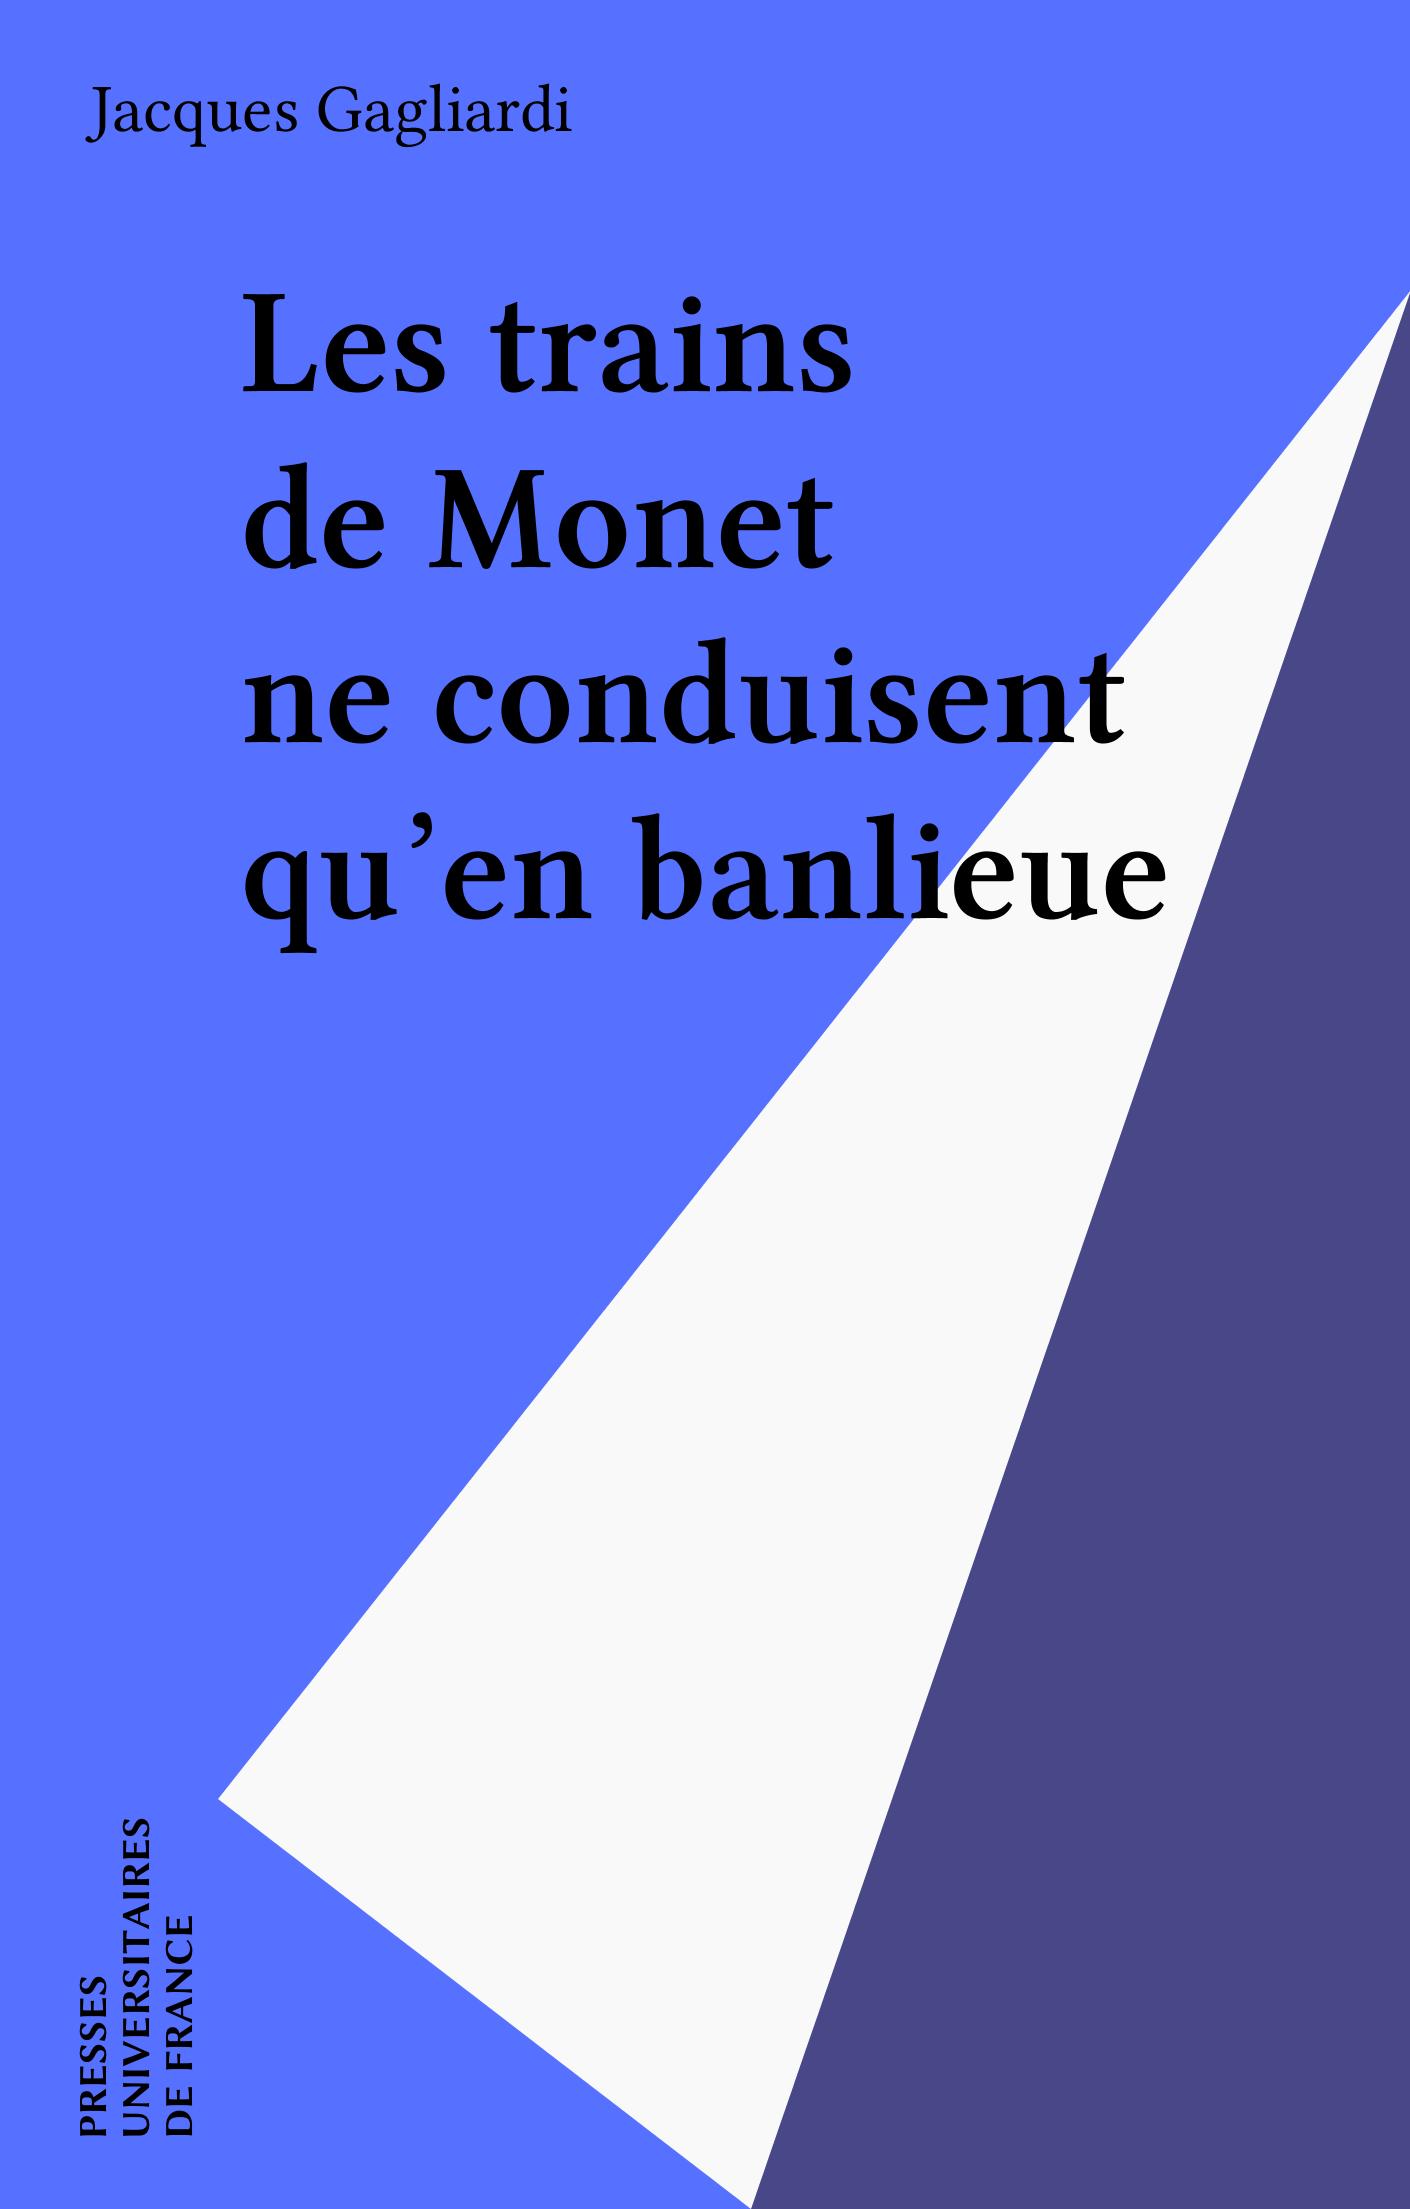 Les trains de Monet ne conduisent qu'en banlieue